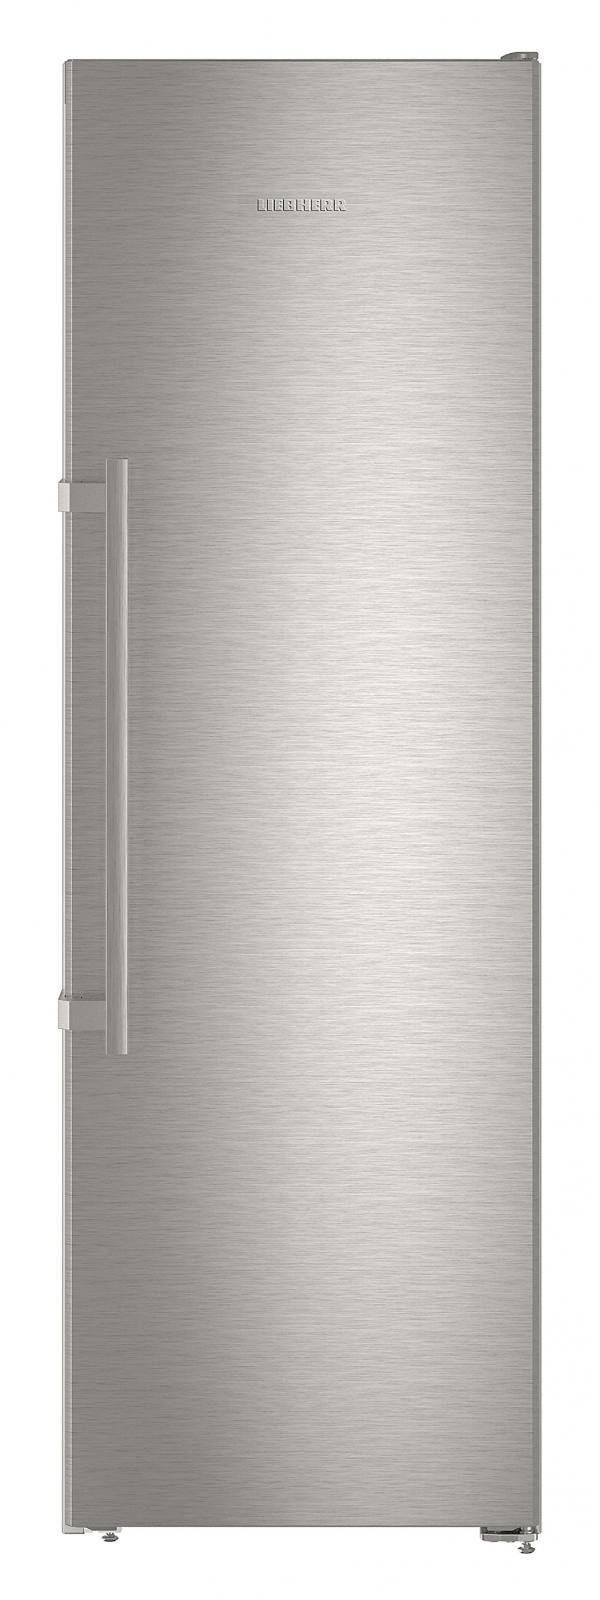 купить Однокамерный холодильник Liebherr SKef 4260 Украина фото 1